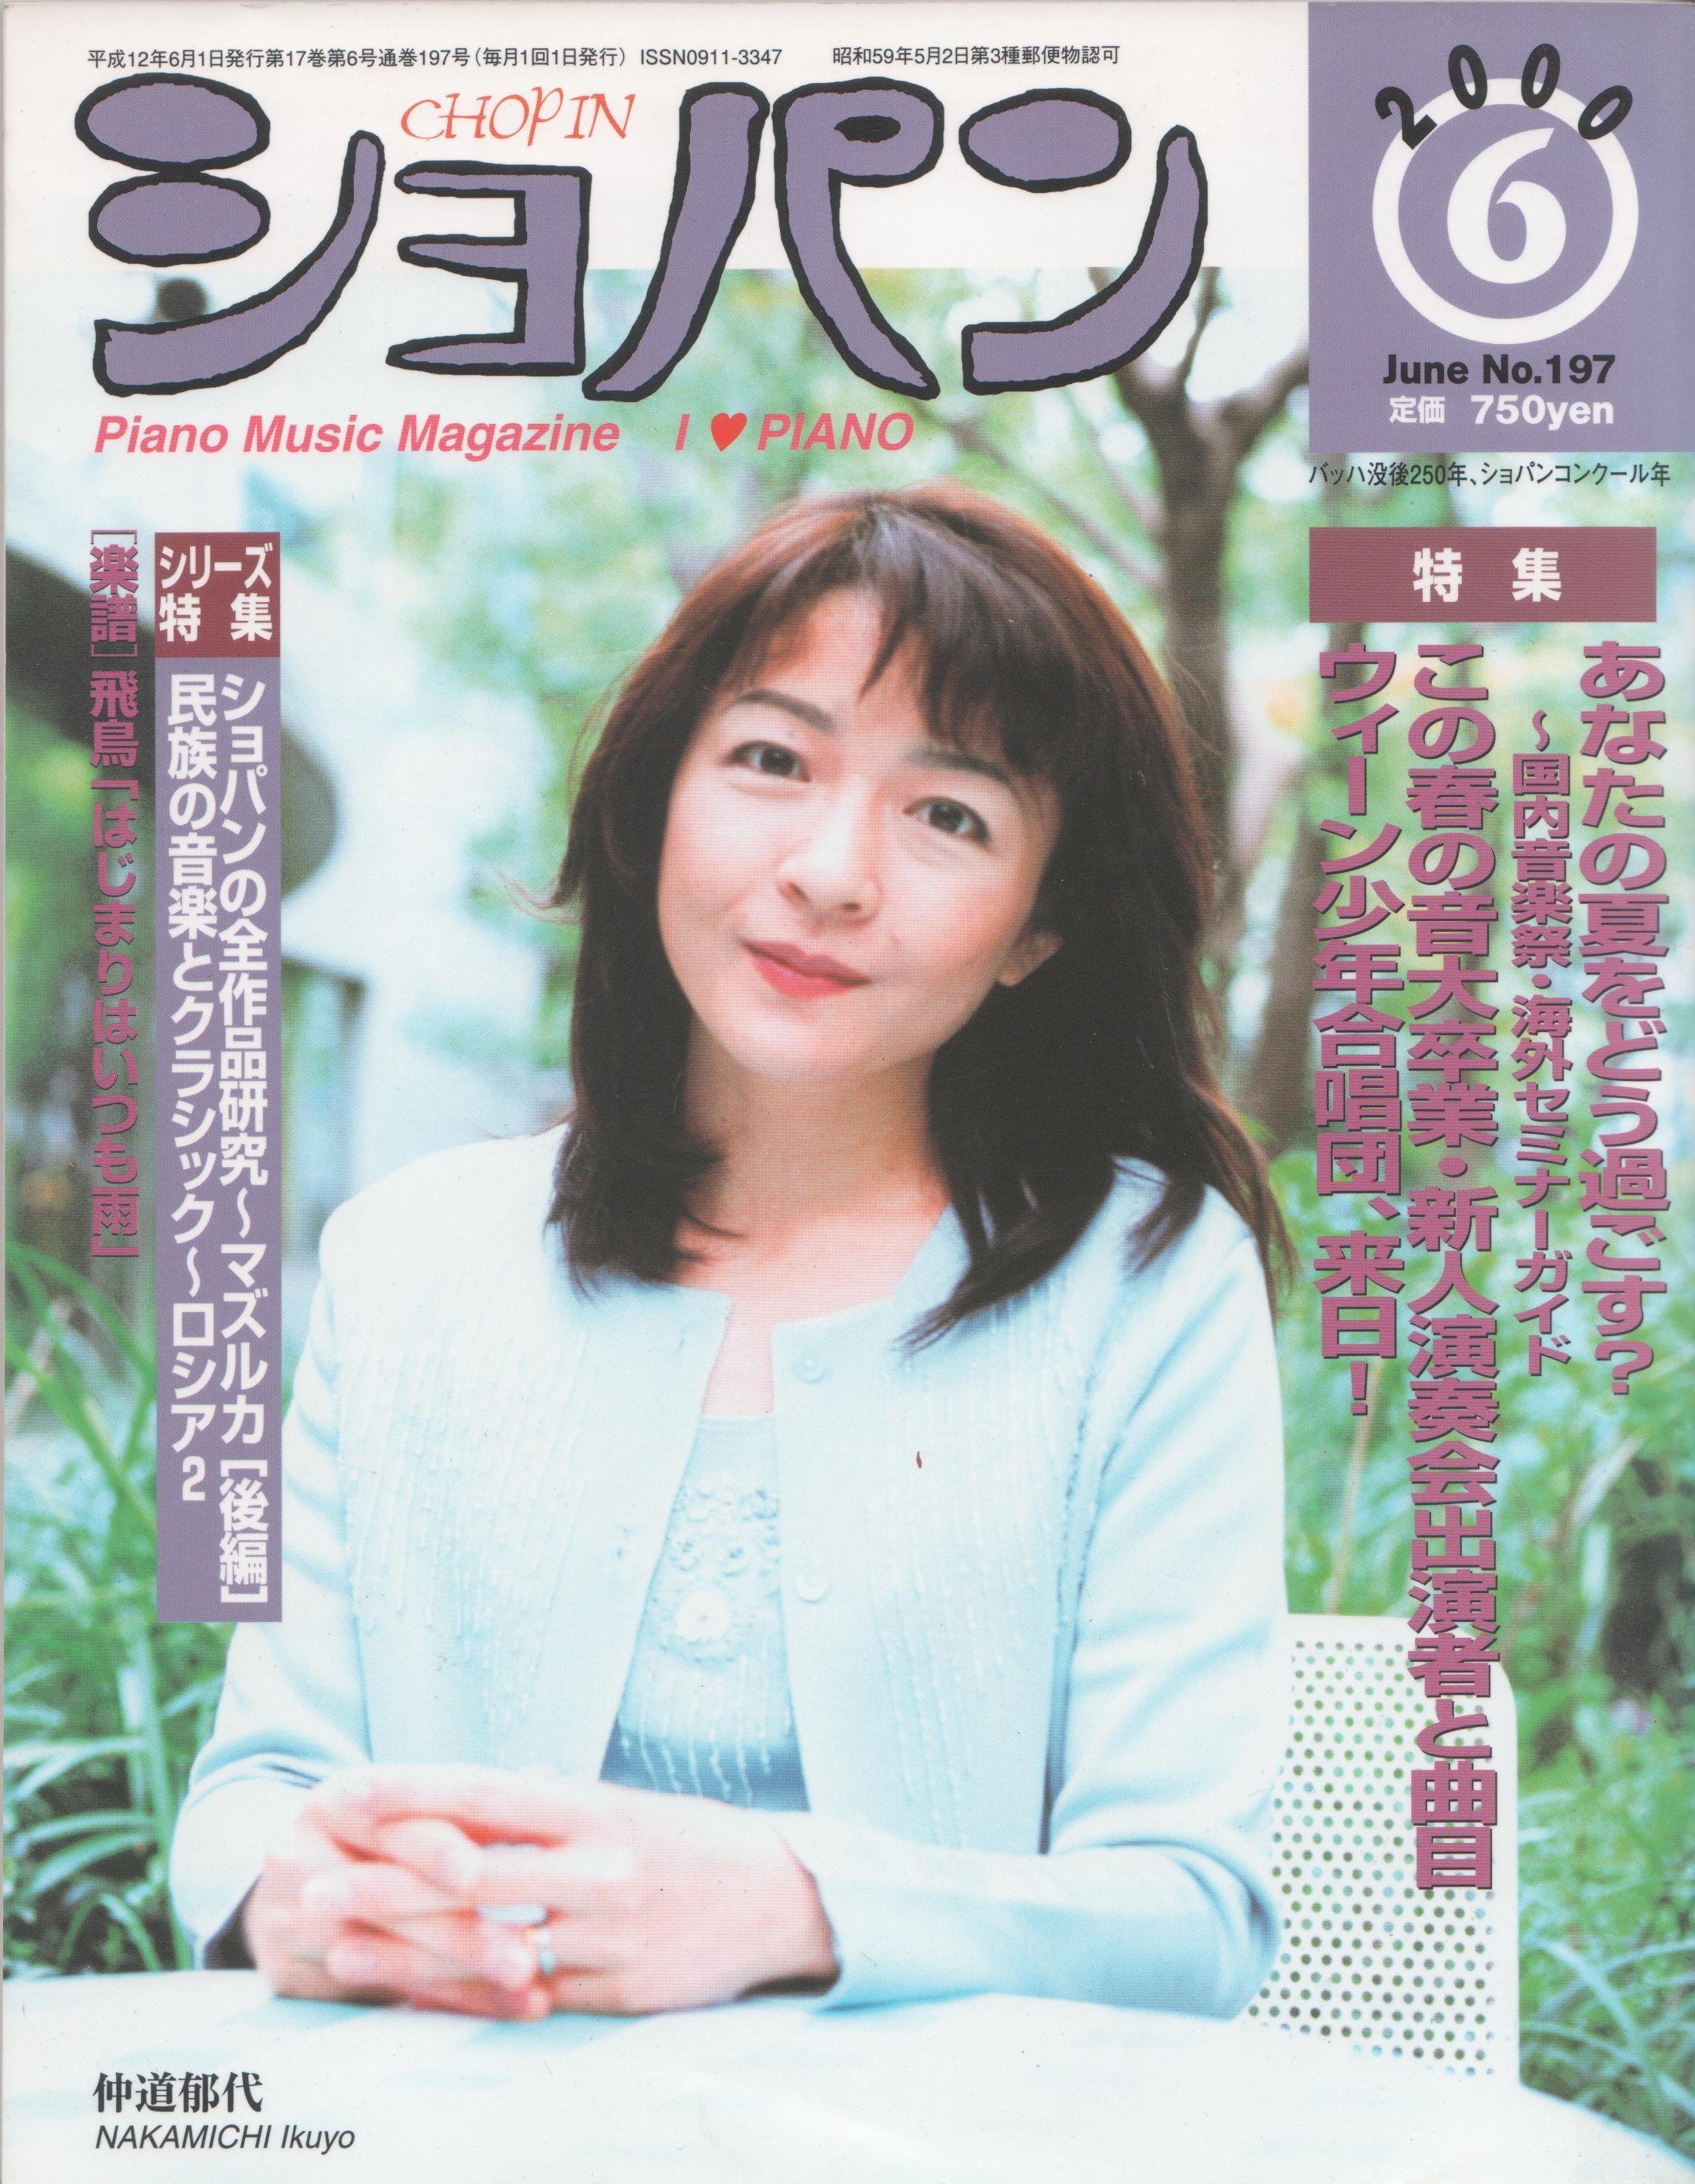 ピアノ音楽誌 ショパン 2000年6月号 No.197